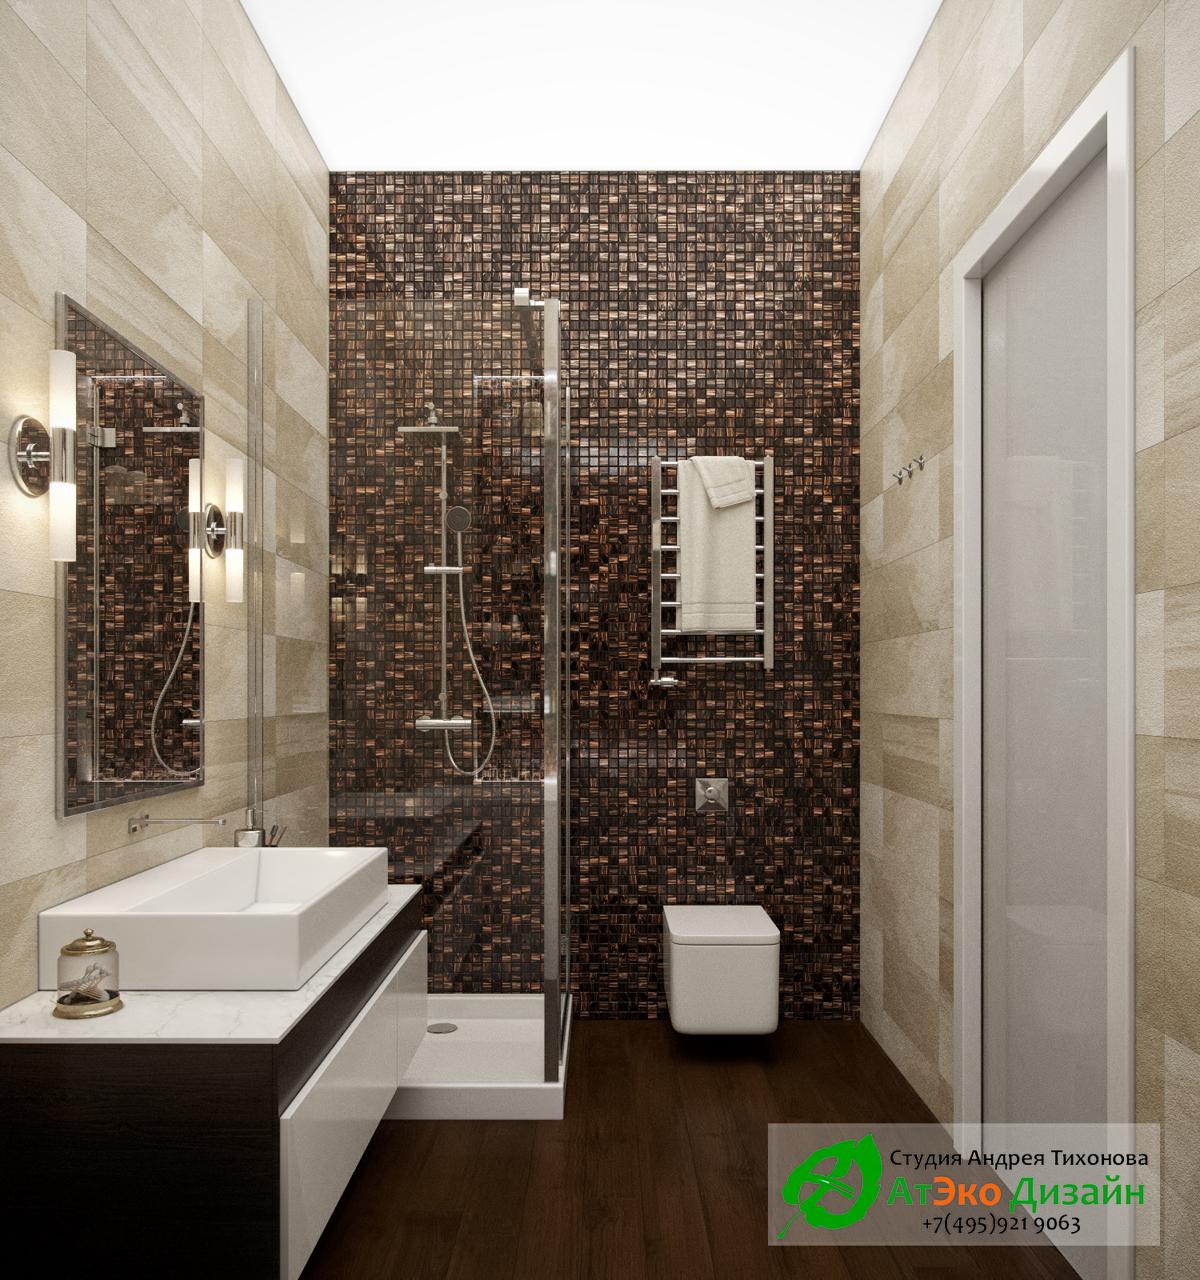 Фото дизайна ванной комнаты с туалетом в современном стиле в квартире Сколково